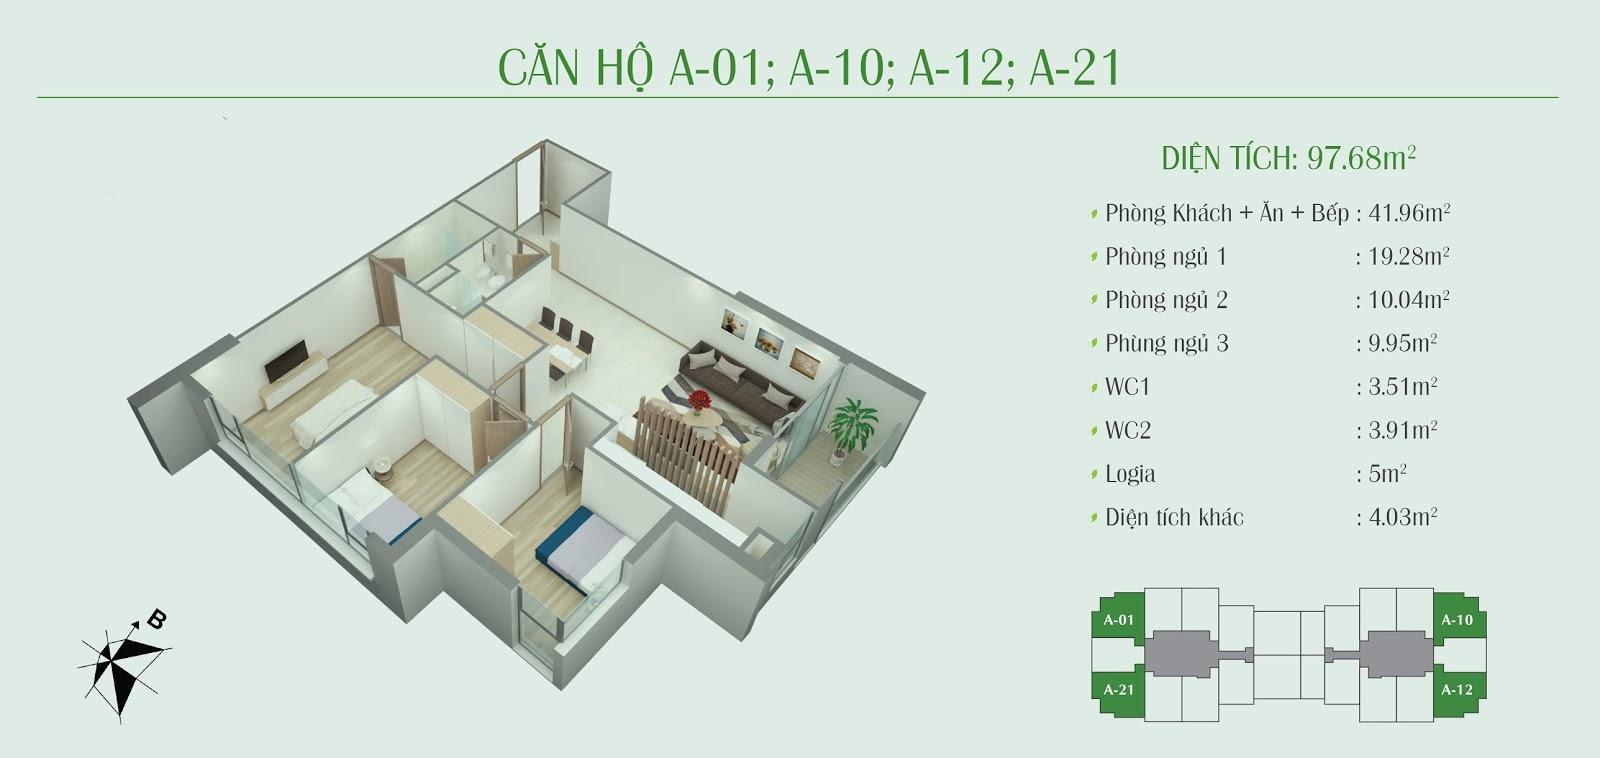 can-ho-3-phong-ngu-eco-dream-9768